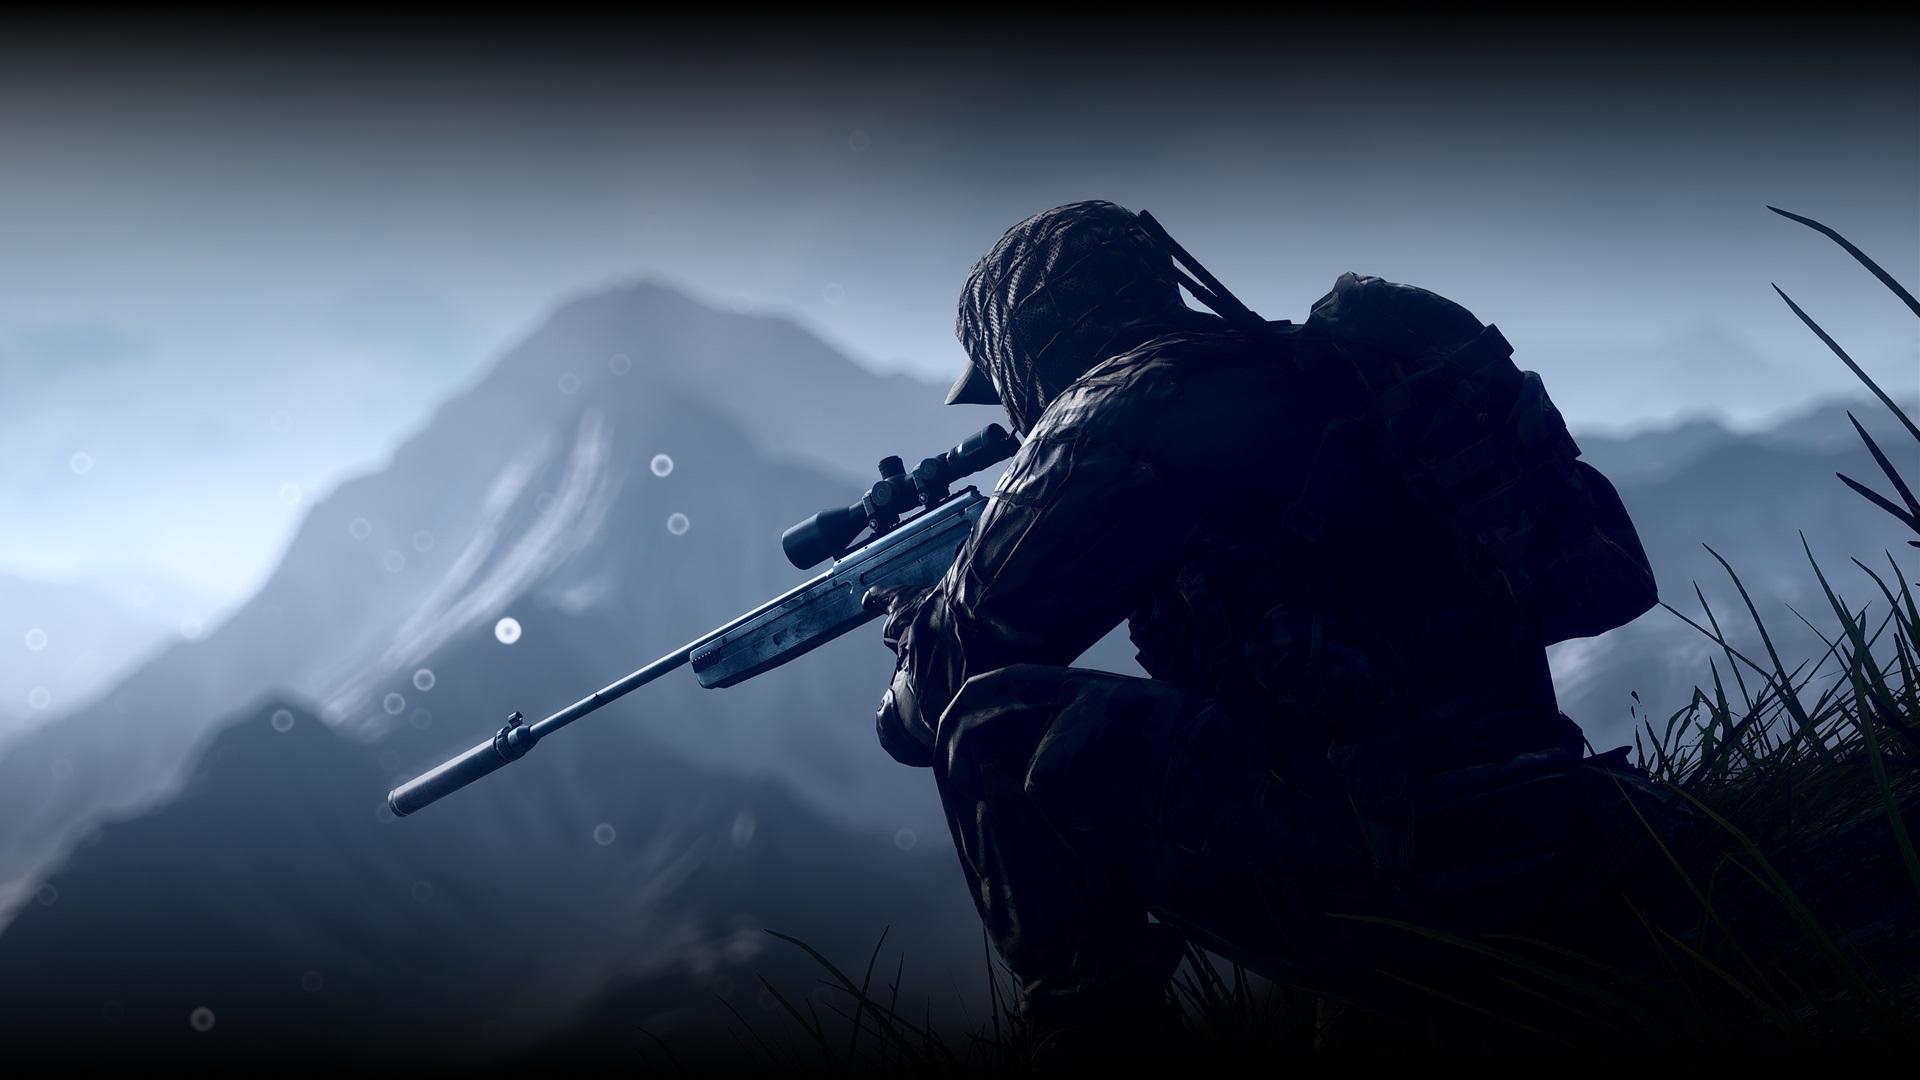 battlefield 4 soldier sniper wallpaper 1920x1080 full